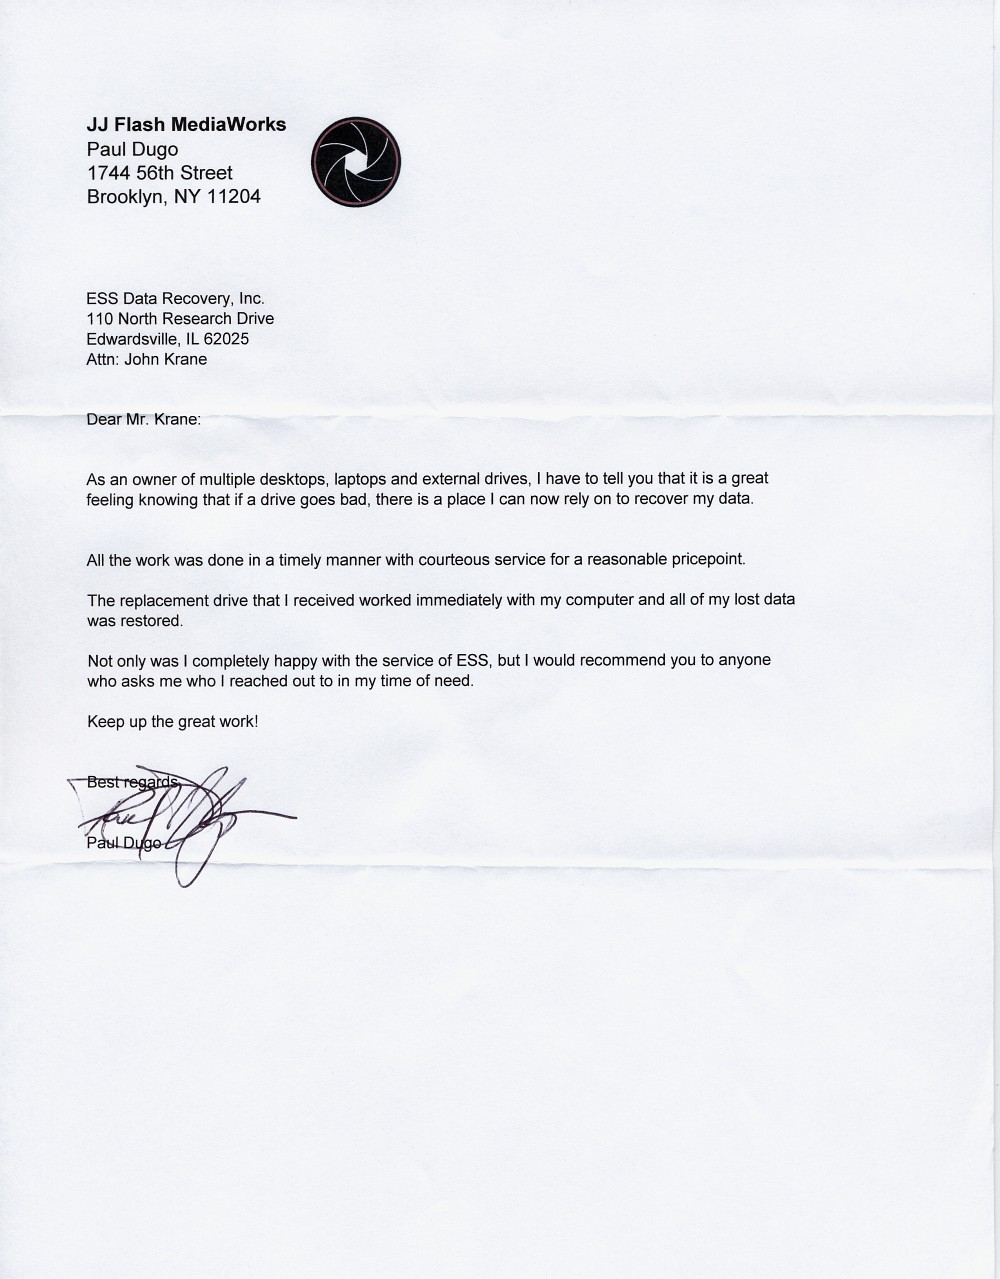 JJ Flash MediaWorks testimonial letter